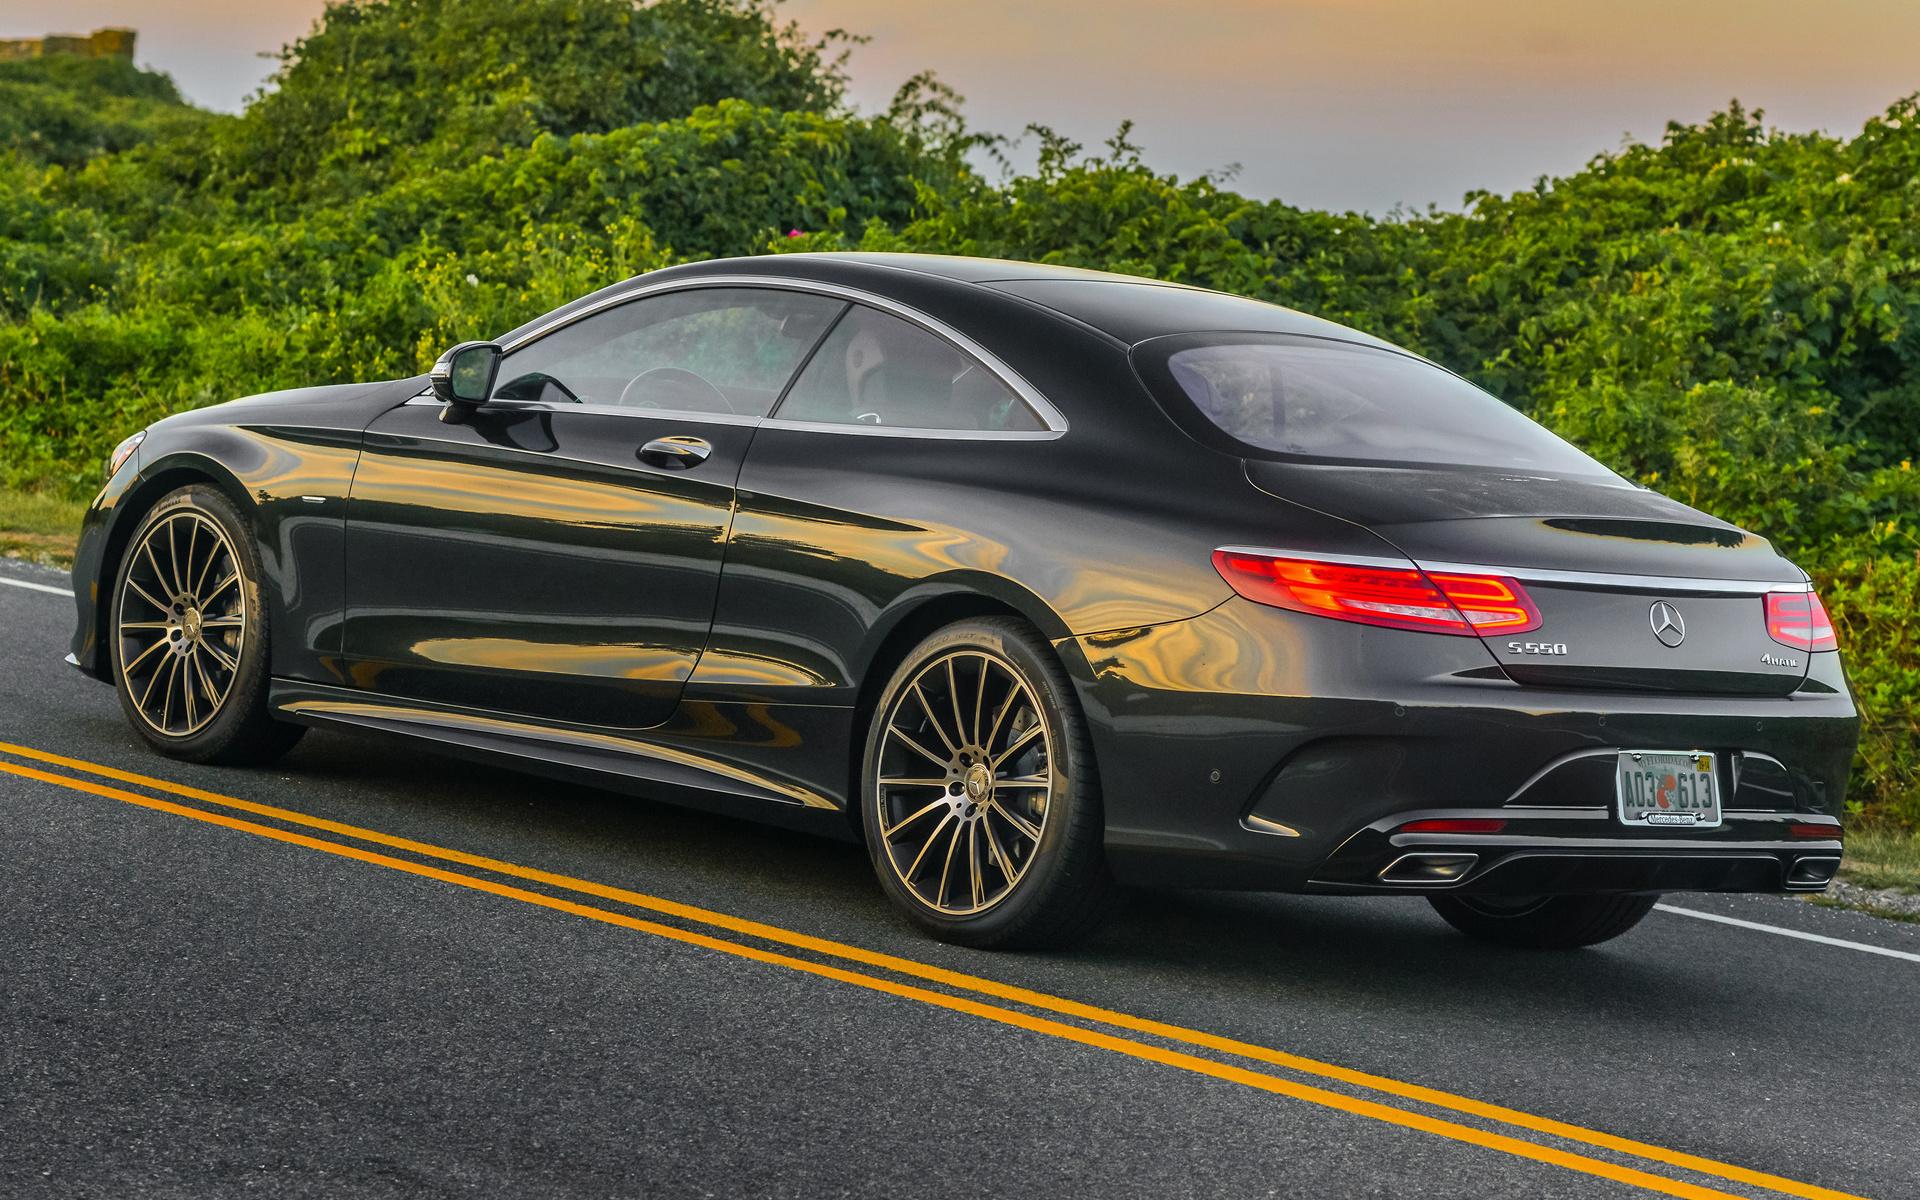 https://www.carpixel.net/w/6da7e594edab484620557a72ede75e41/mercedes-benz-s-class-coupe-amg-styling-car-wallpaper-15475.jpg